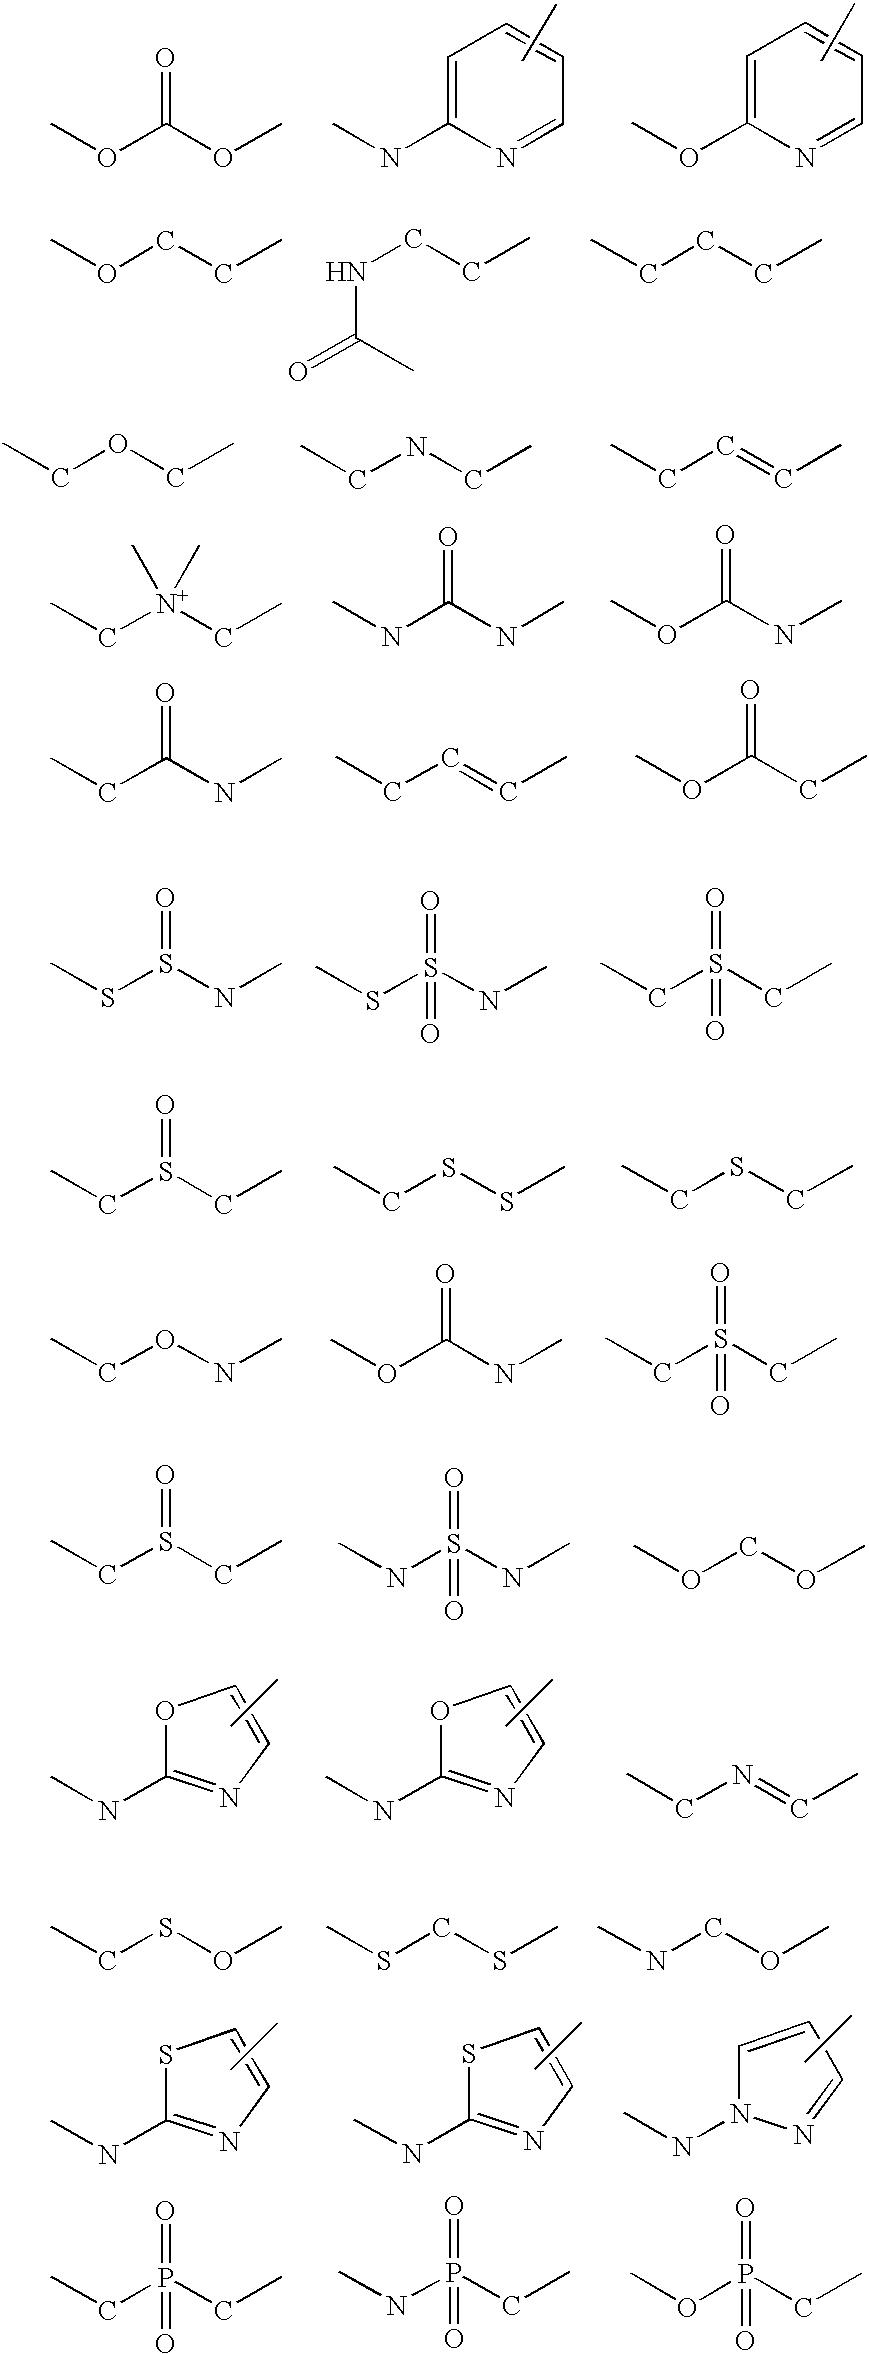 Figure US06566509-20030520-C00003